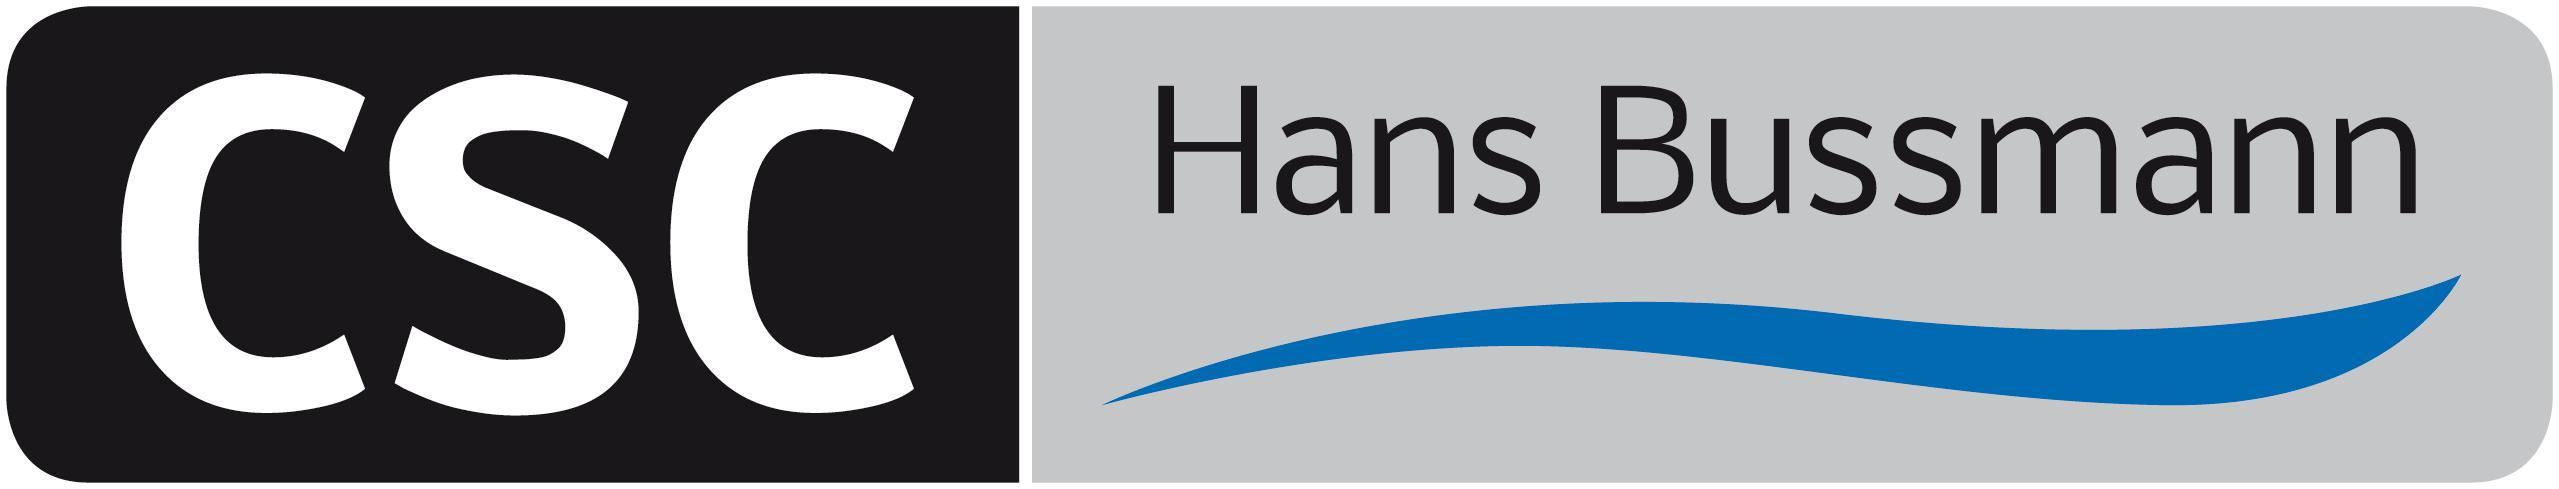 Hans Bussmann GmbH